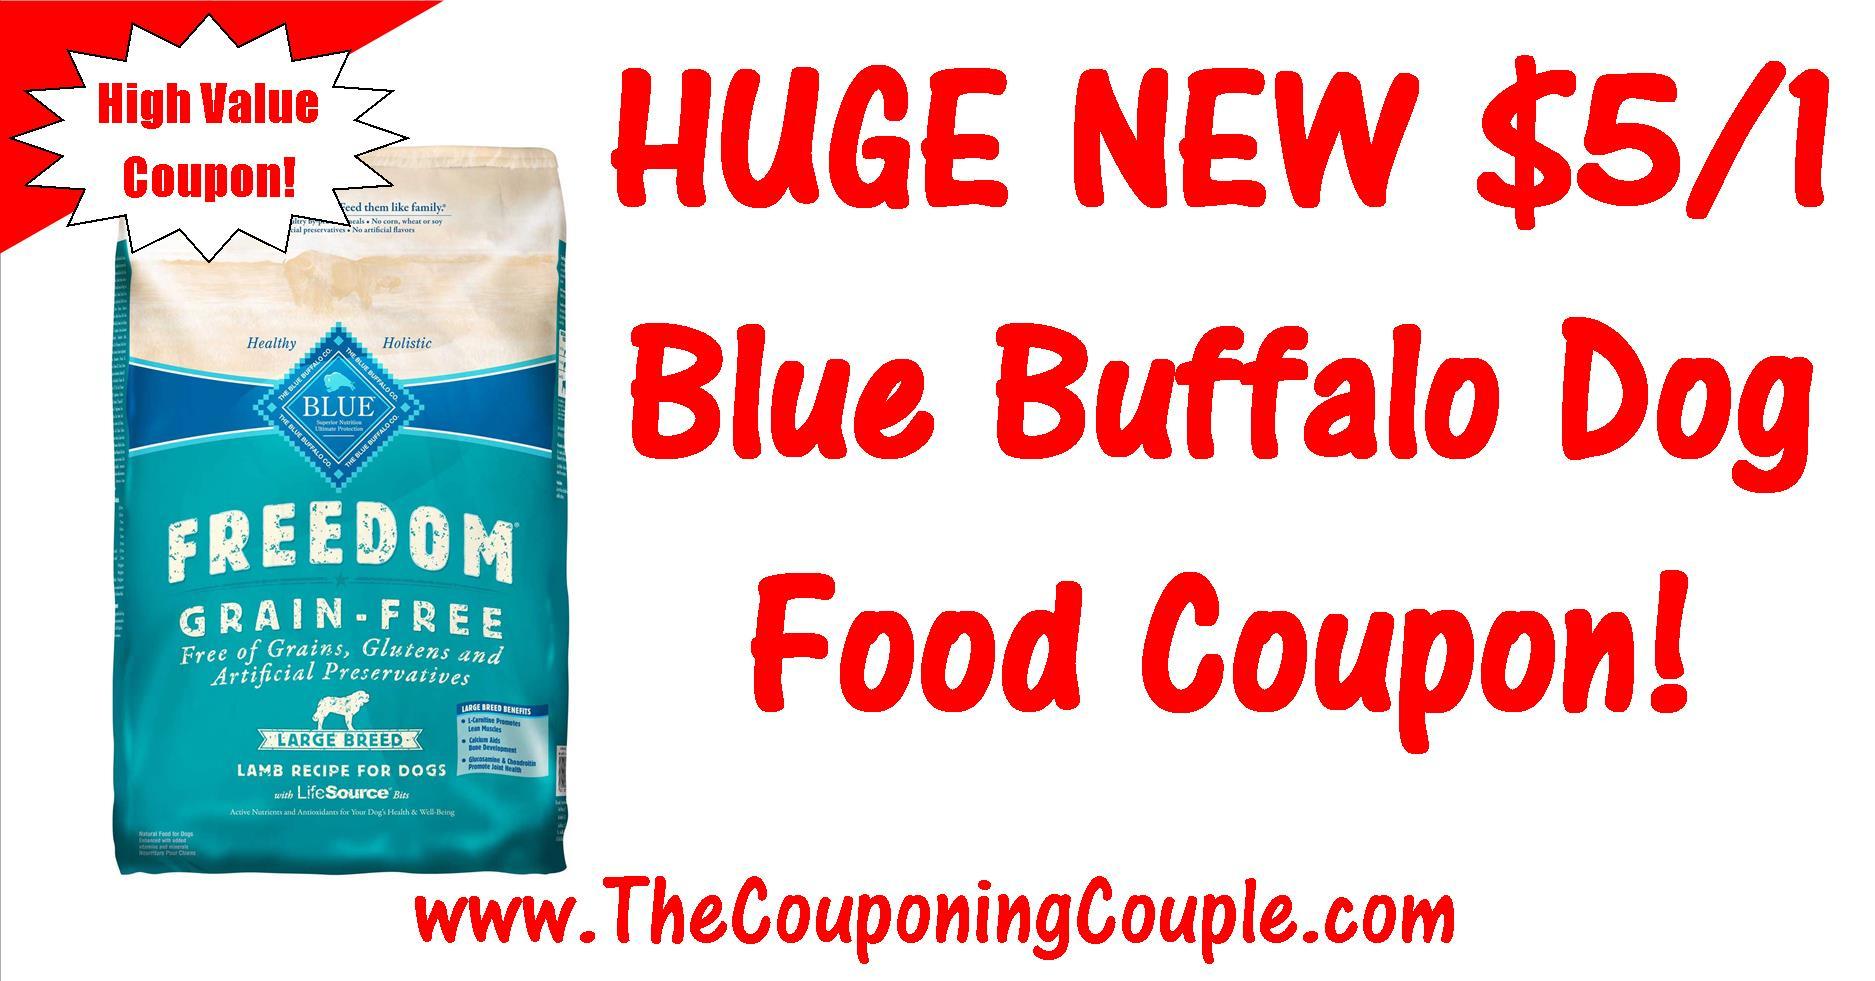 Huge Blue Buffalo Dog Food Printable Coupon ~ $5.00/1 Coupon! - Free Printable Dog Food Coupons